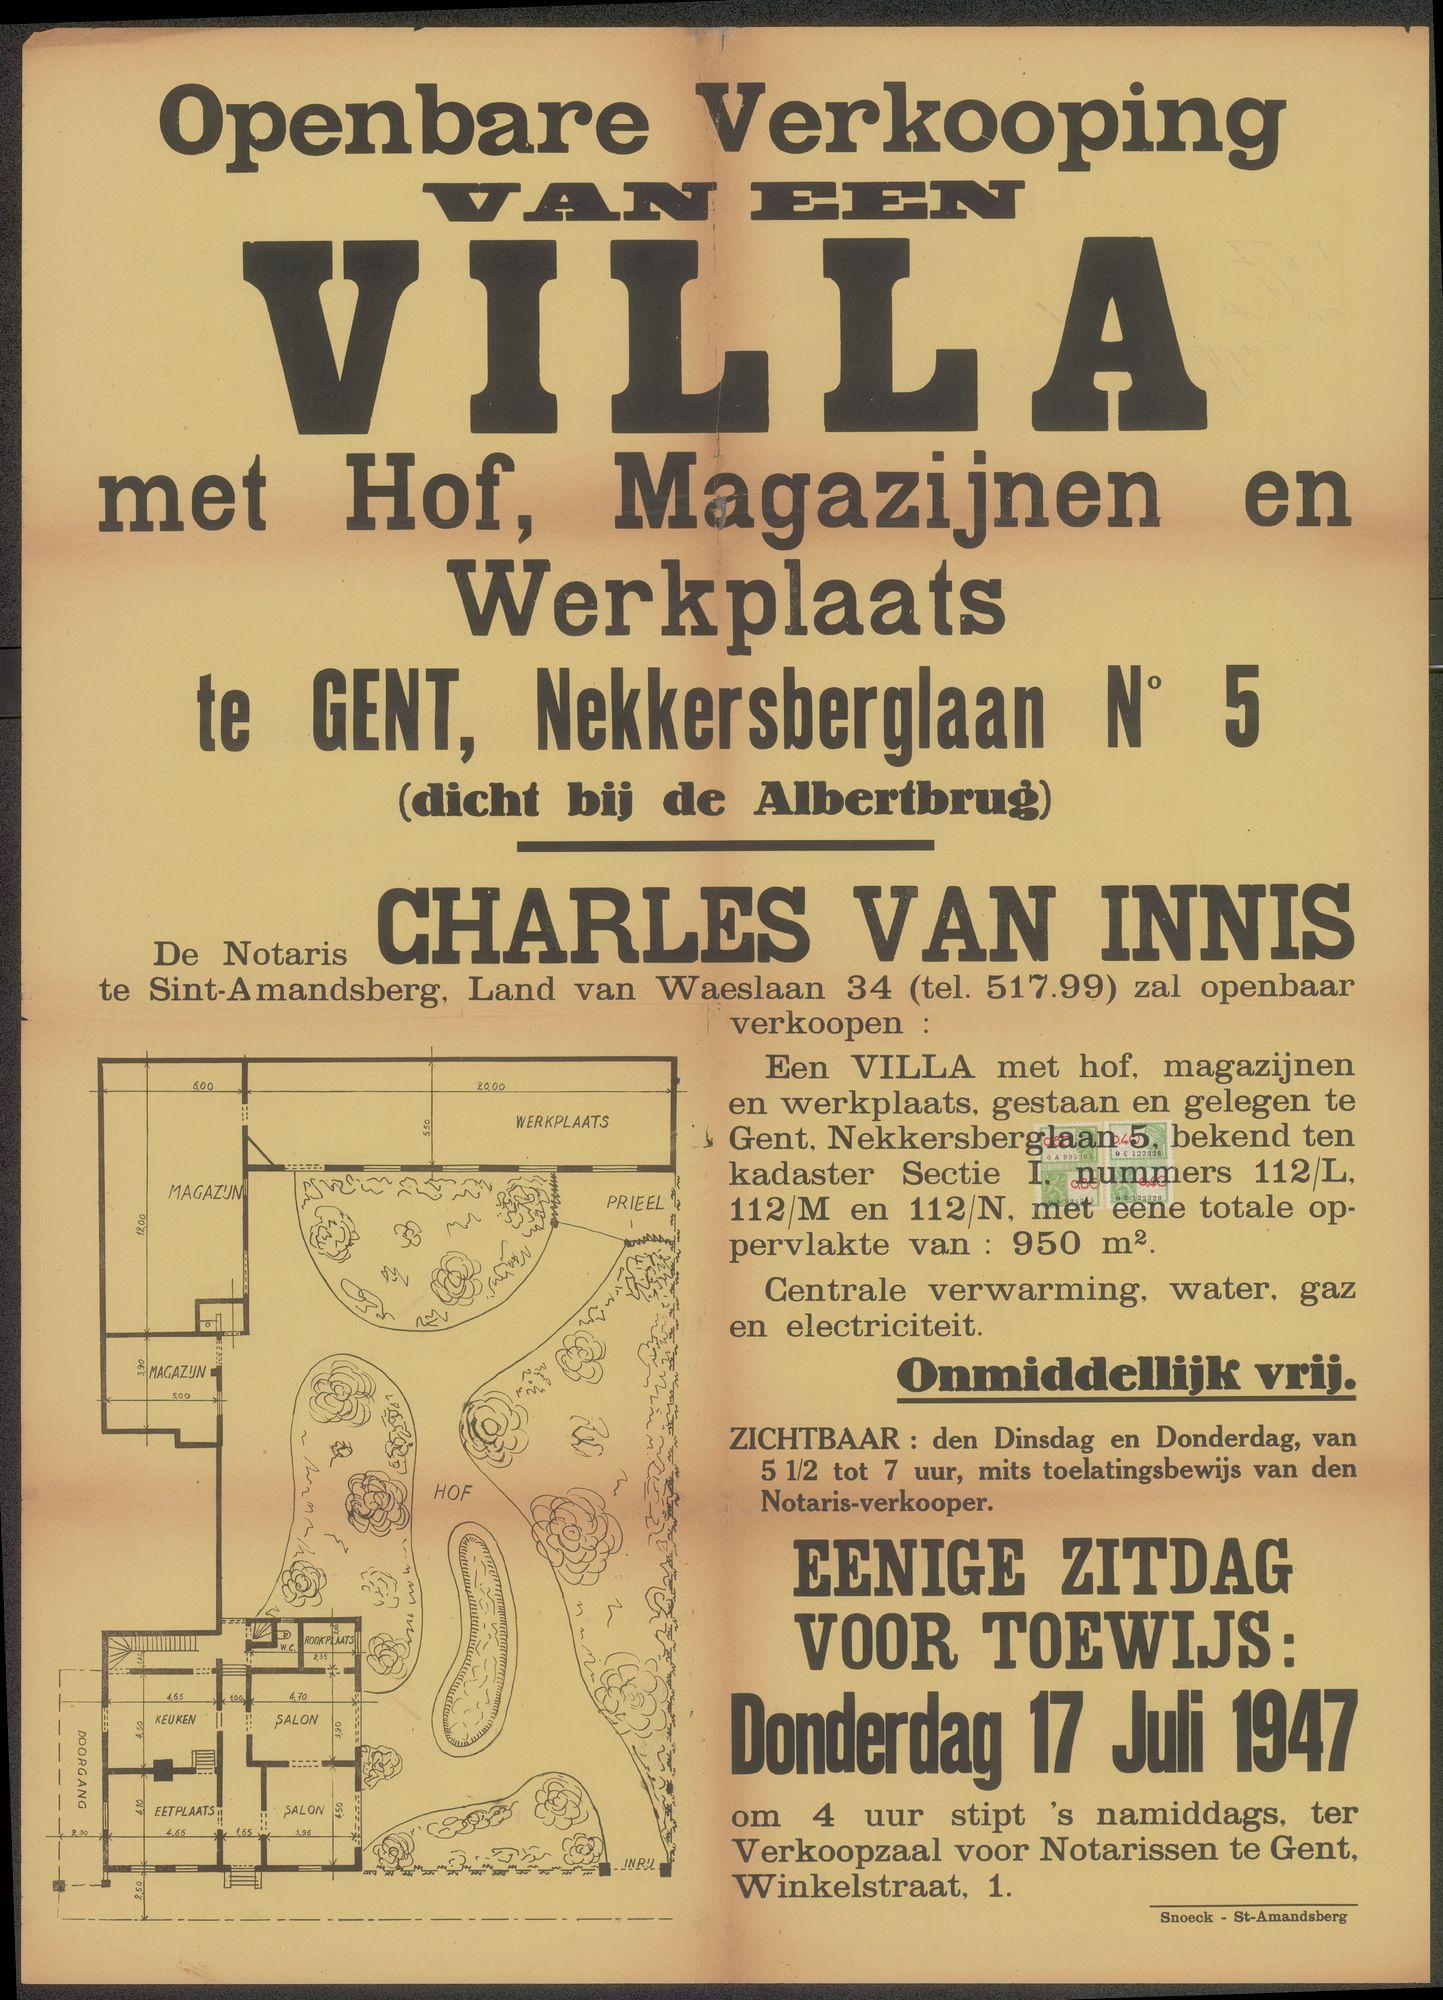 Openbare verkoop van een Villa met hof, magazijnen en werkplaats te Gent, Nekkersberglaan N° 5 (dicht bij de Albertbrug), Gent, 17 juli 1947